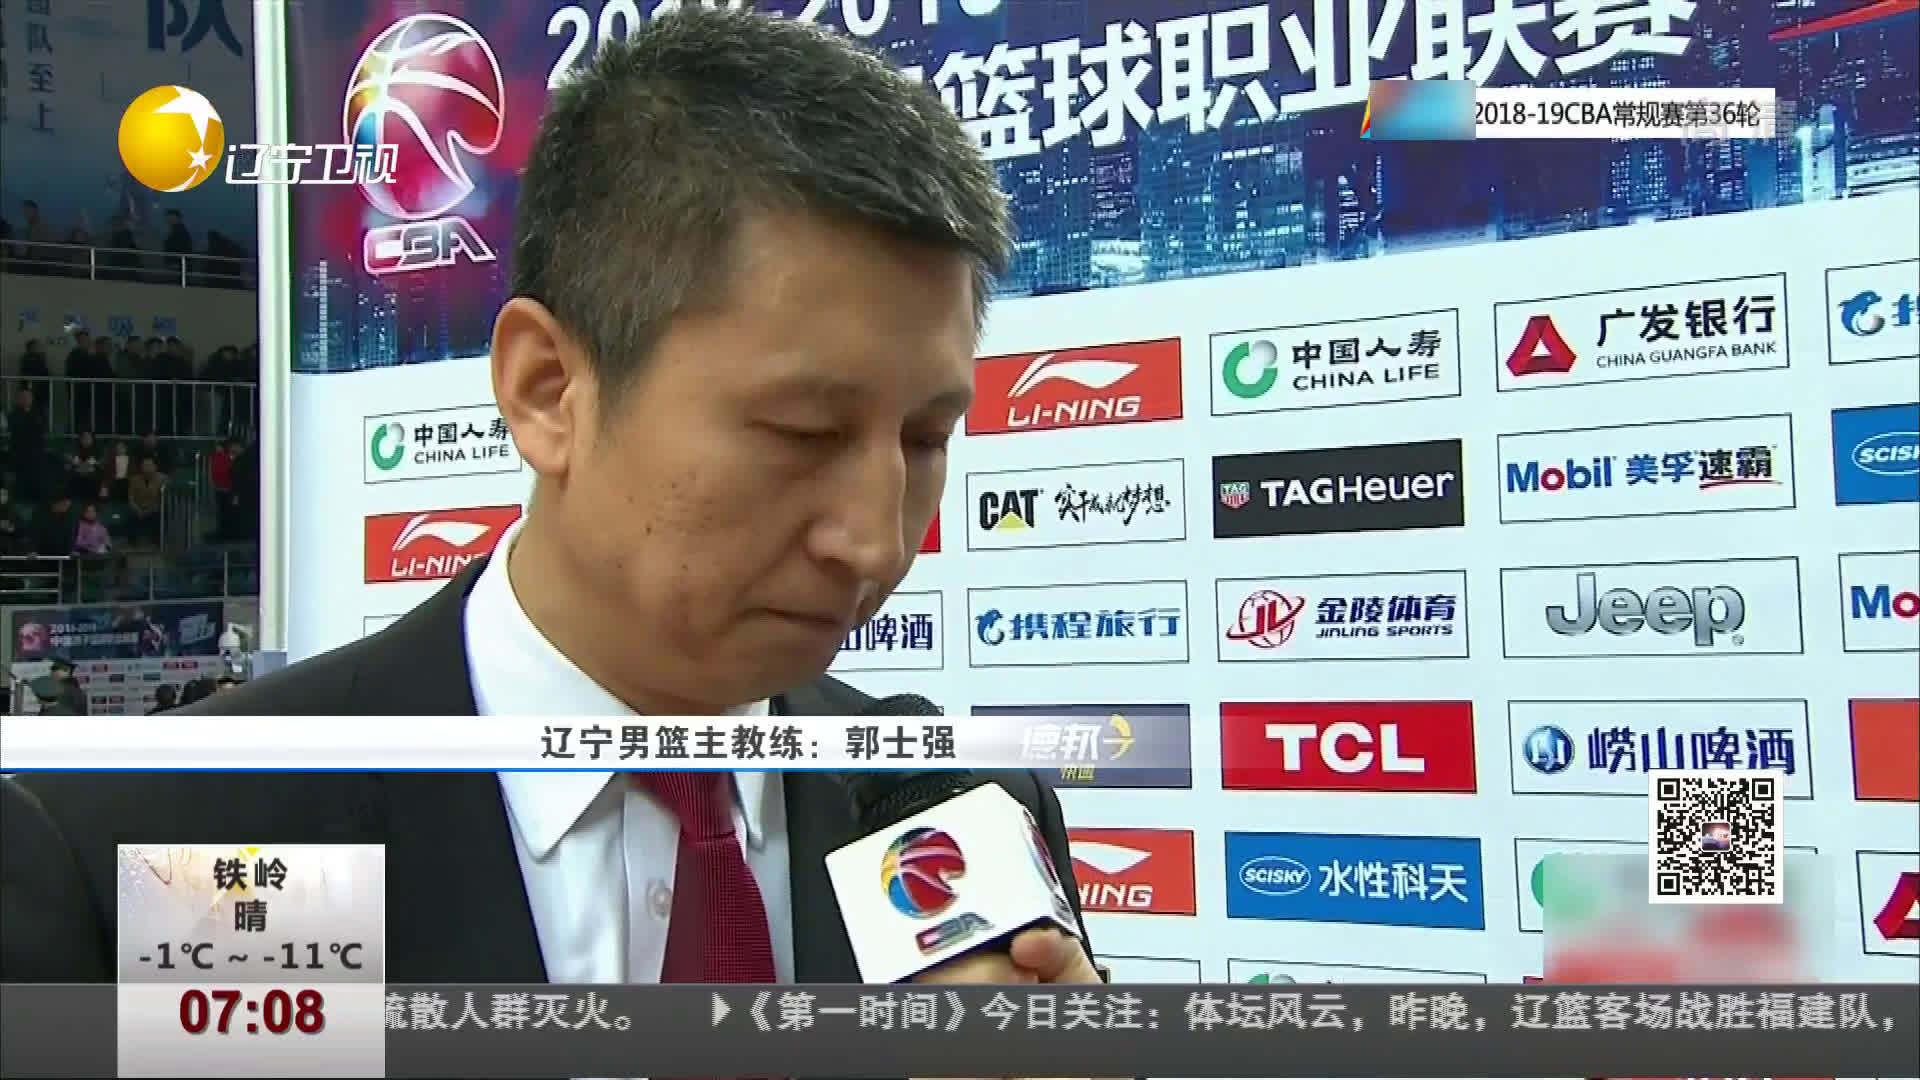 辽宁豪取25连胜 韩德君王哲林上演中锋对决